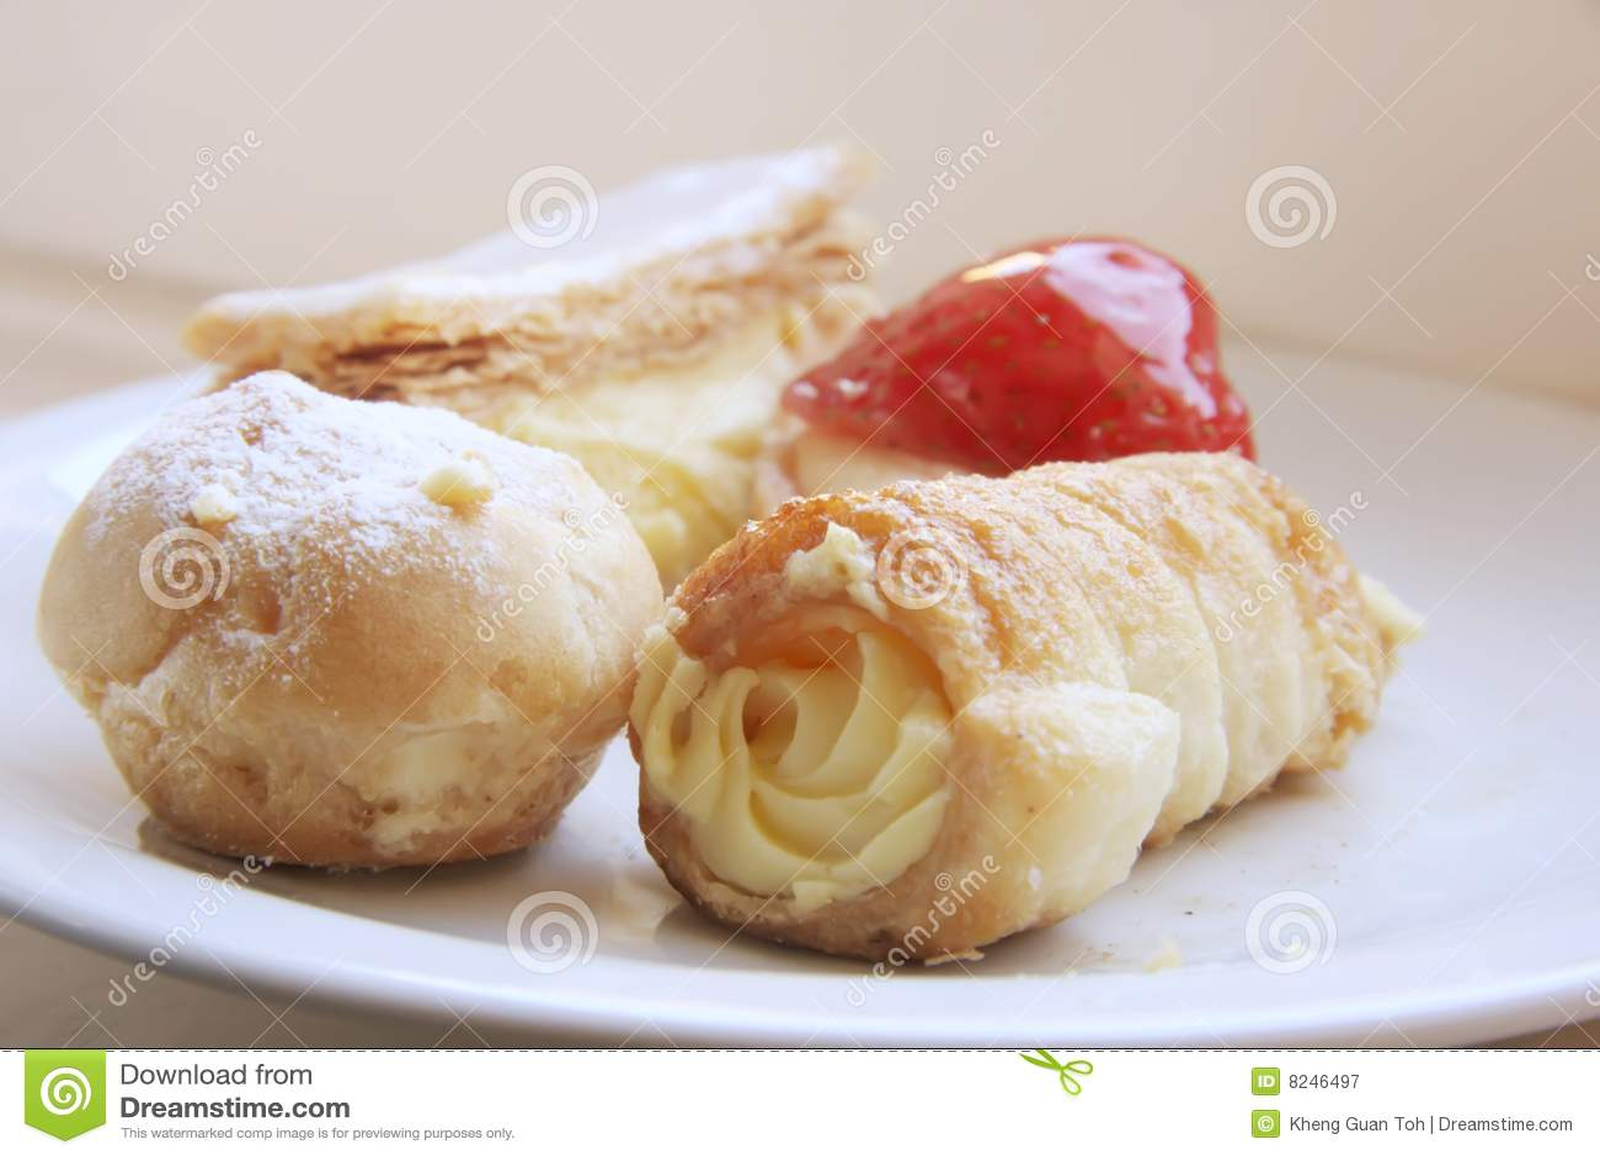 Fancy pastry